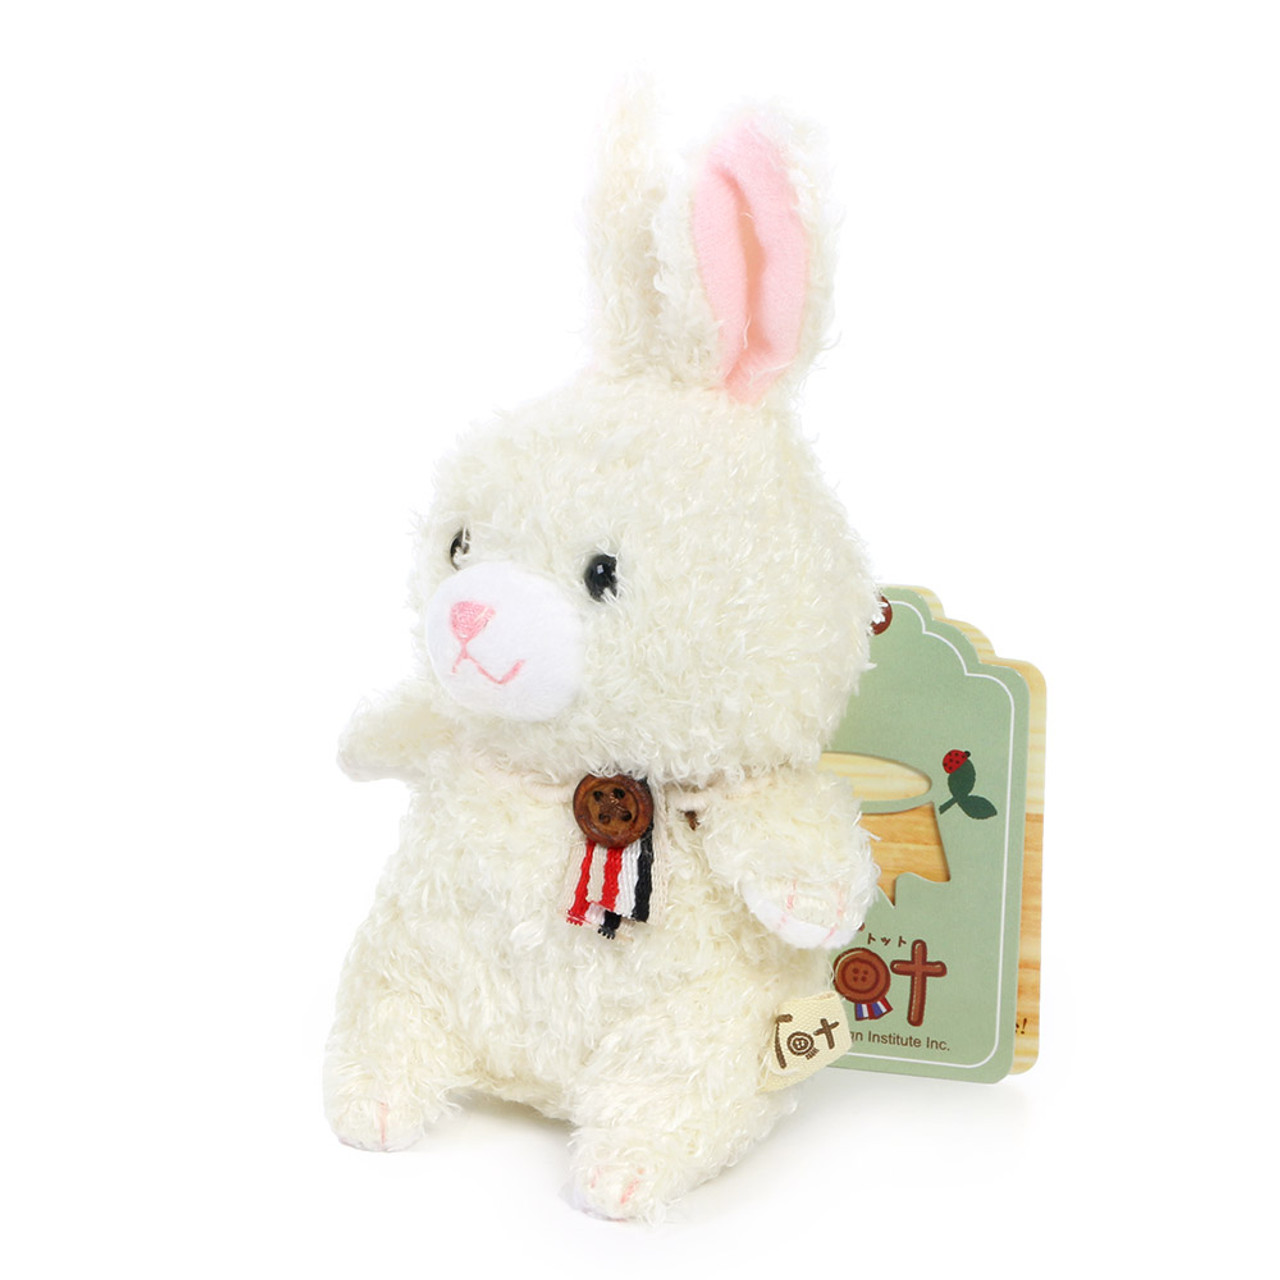 Naito Design Tot Series Rabbit Doll Charms - Lamu ( Side View )